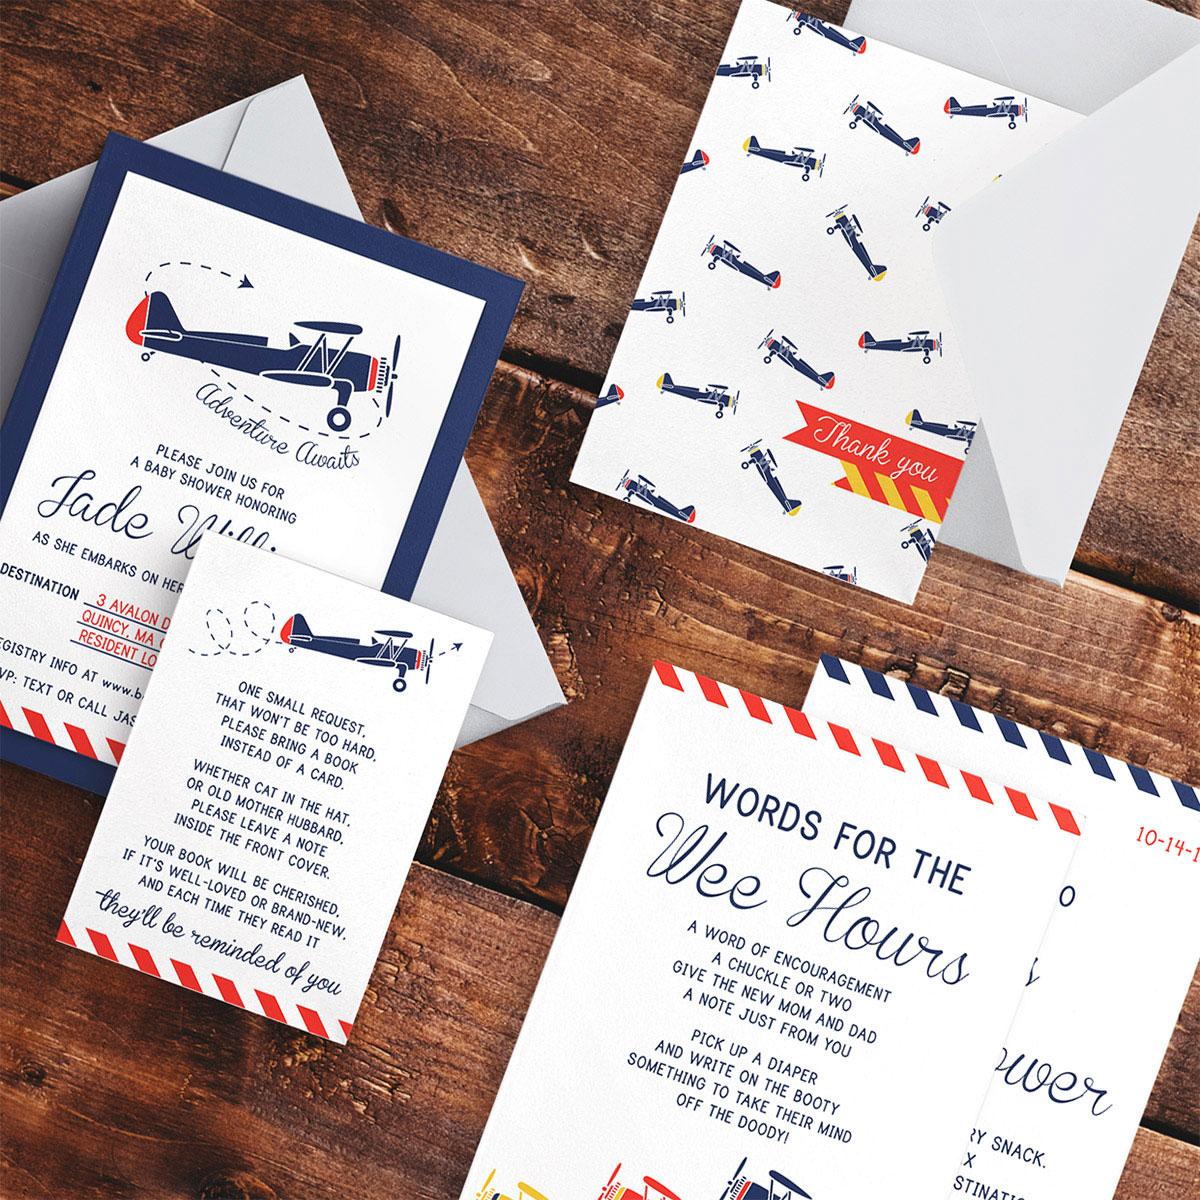 jasmin-plouffe-designer-invitation-02b.jpg